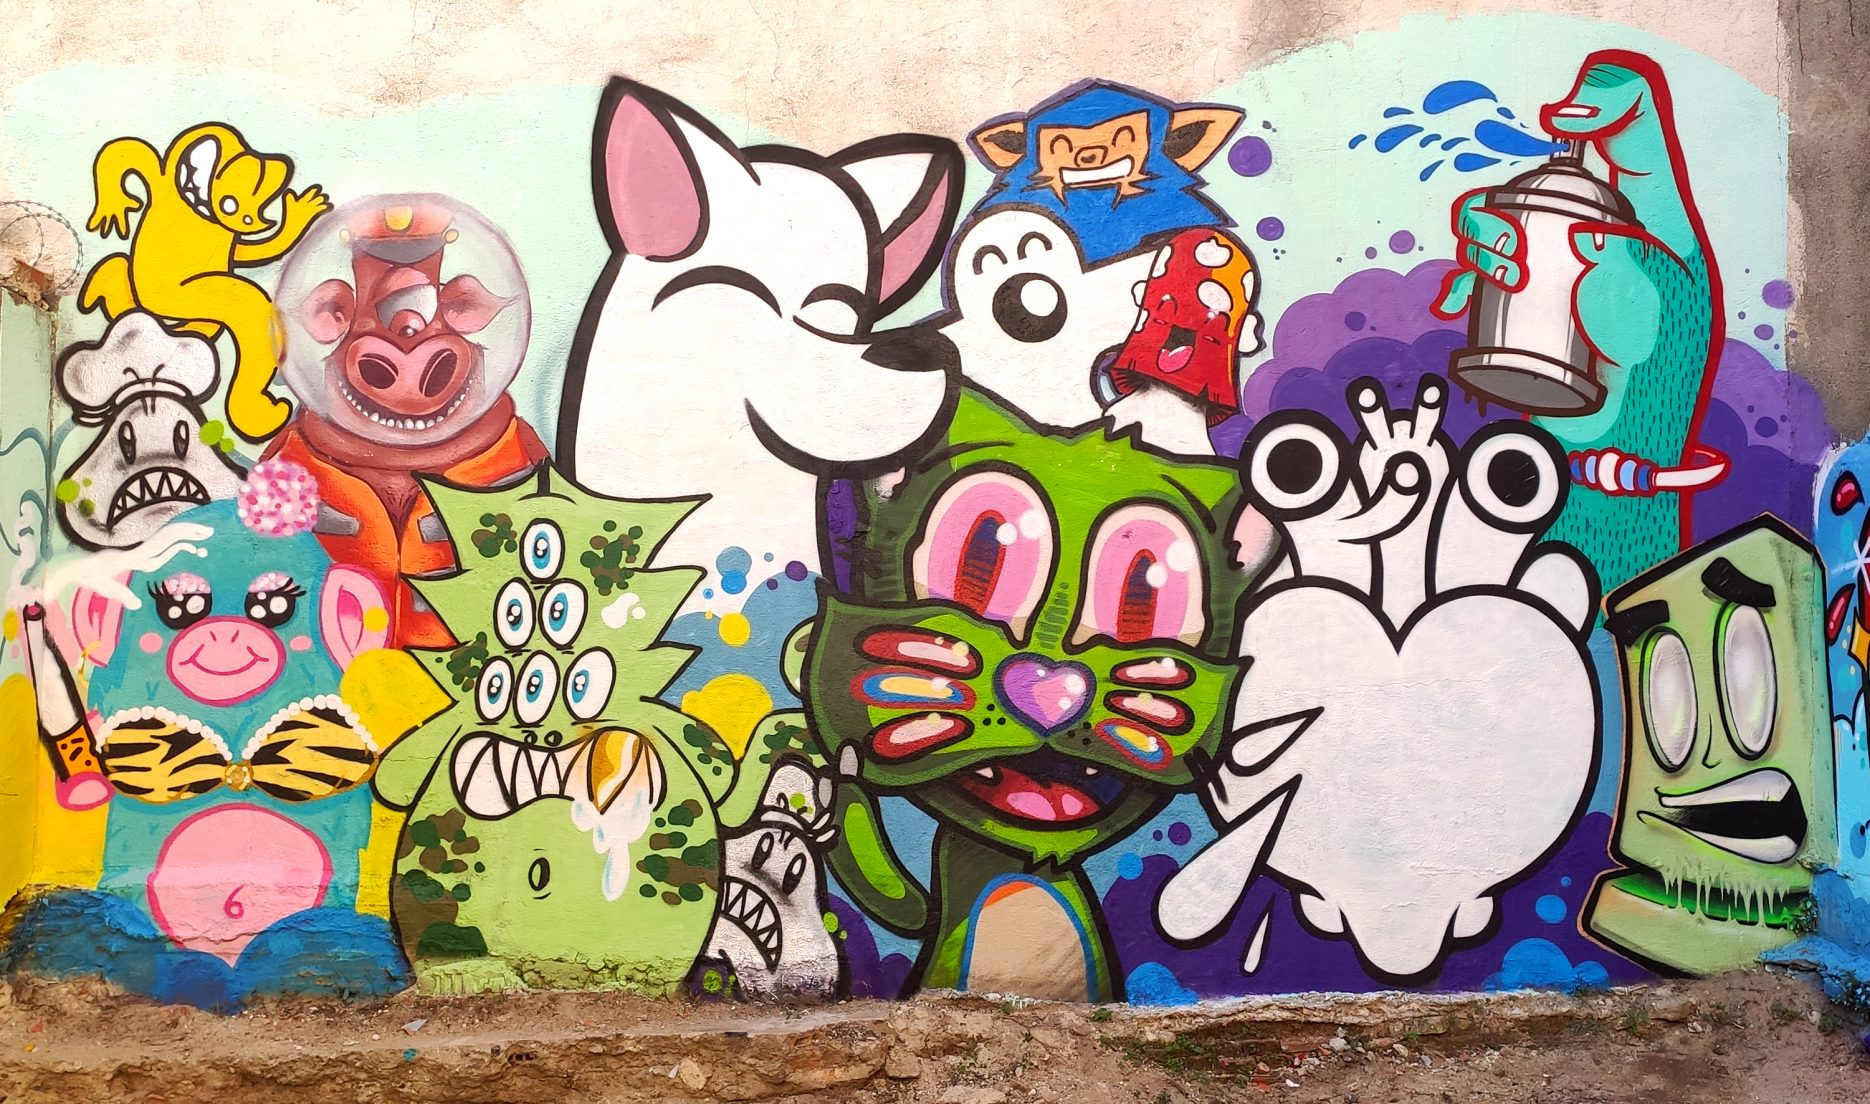 Pintura mural 01 realizada en el evento Puppet Jam en PVA Sputnik Vallekas